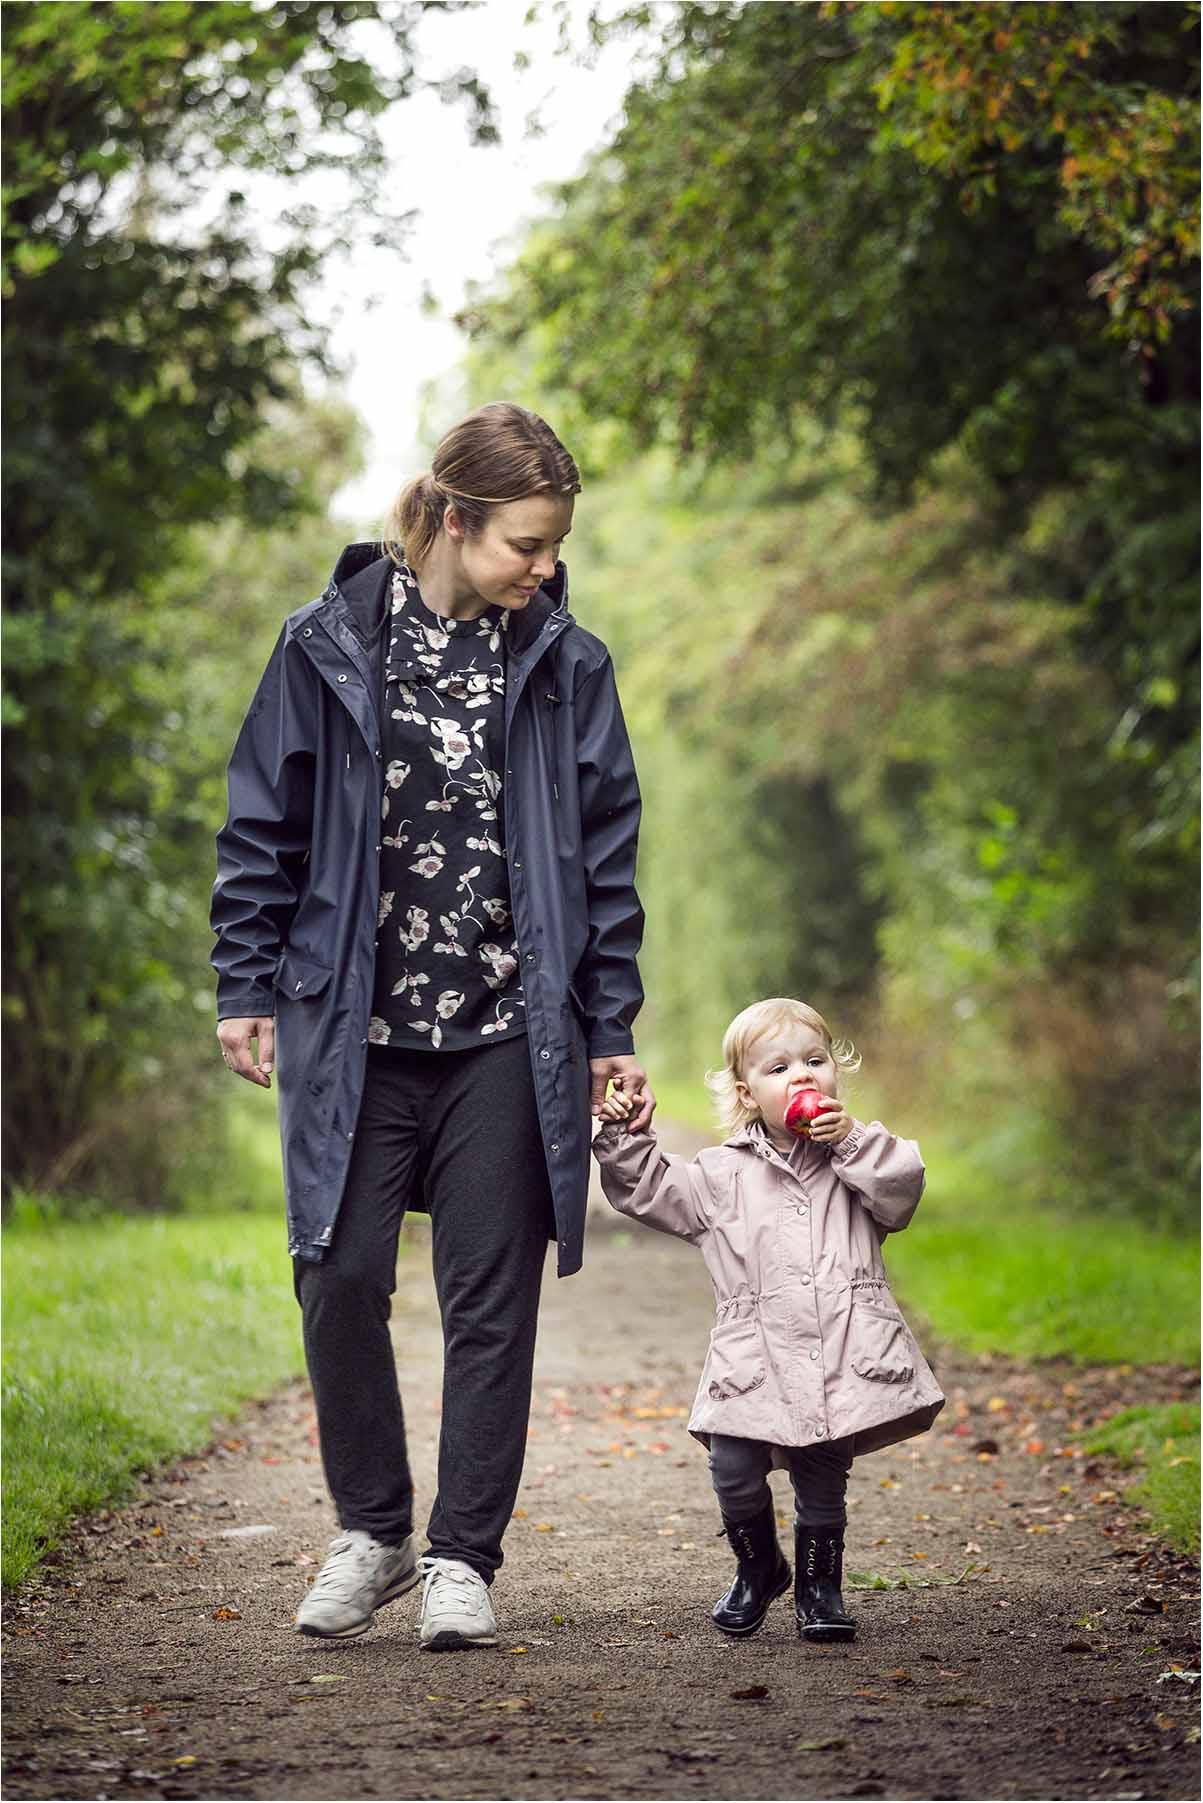 børnefotografer Haderslev